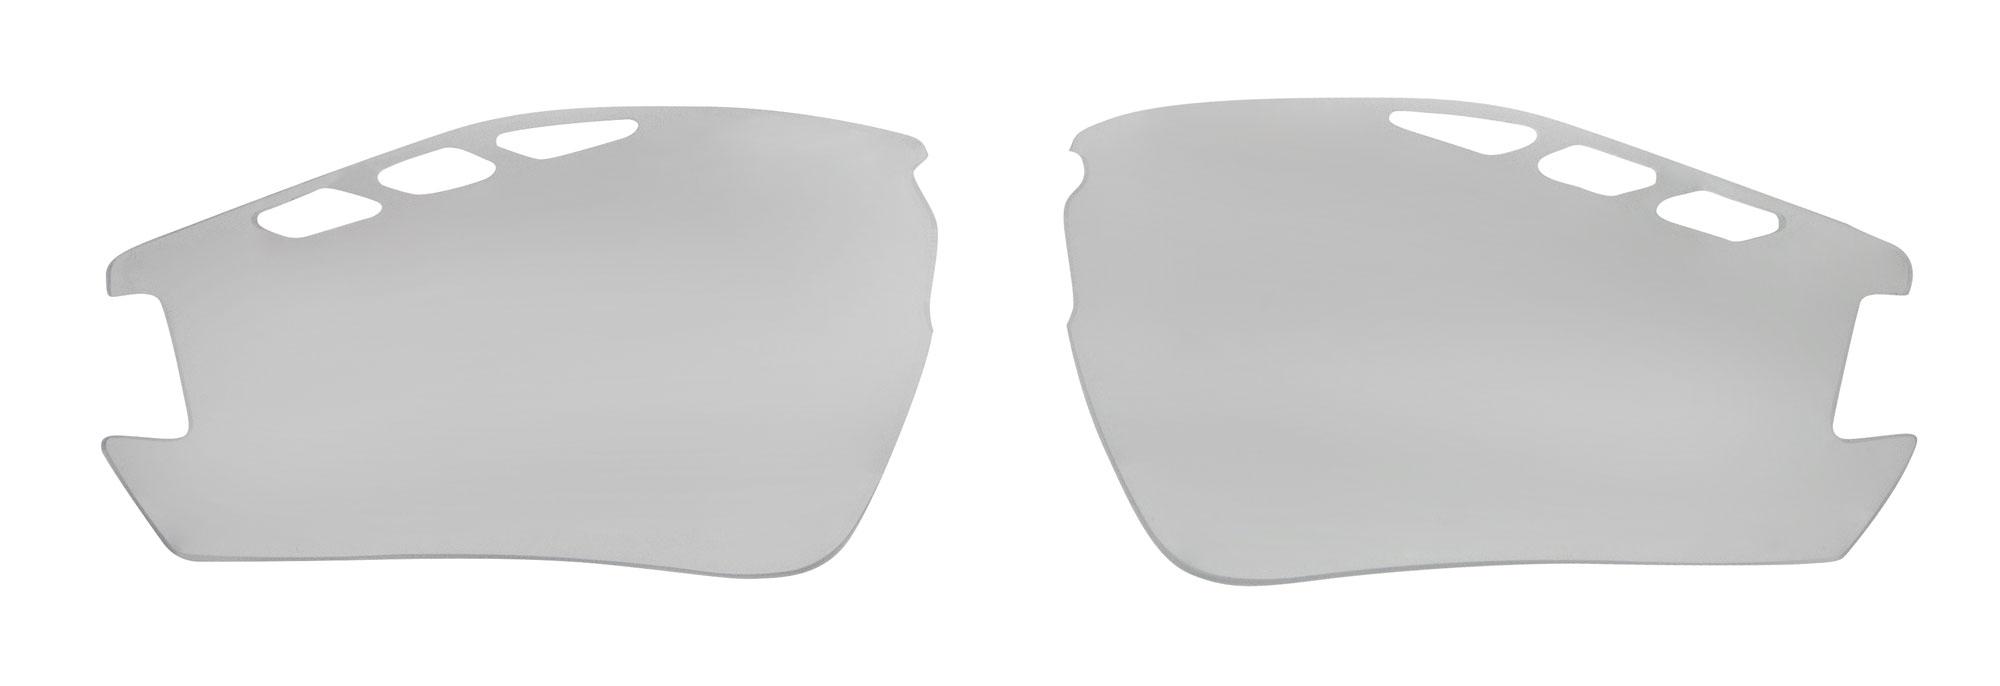 skla náhradní RIDE PRO , fotochromatická